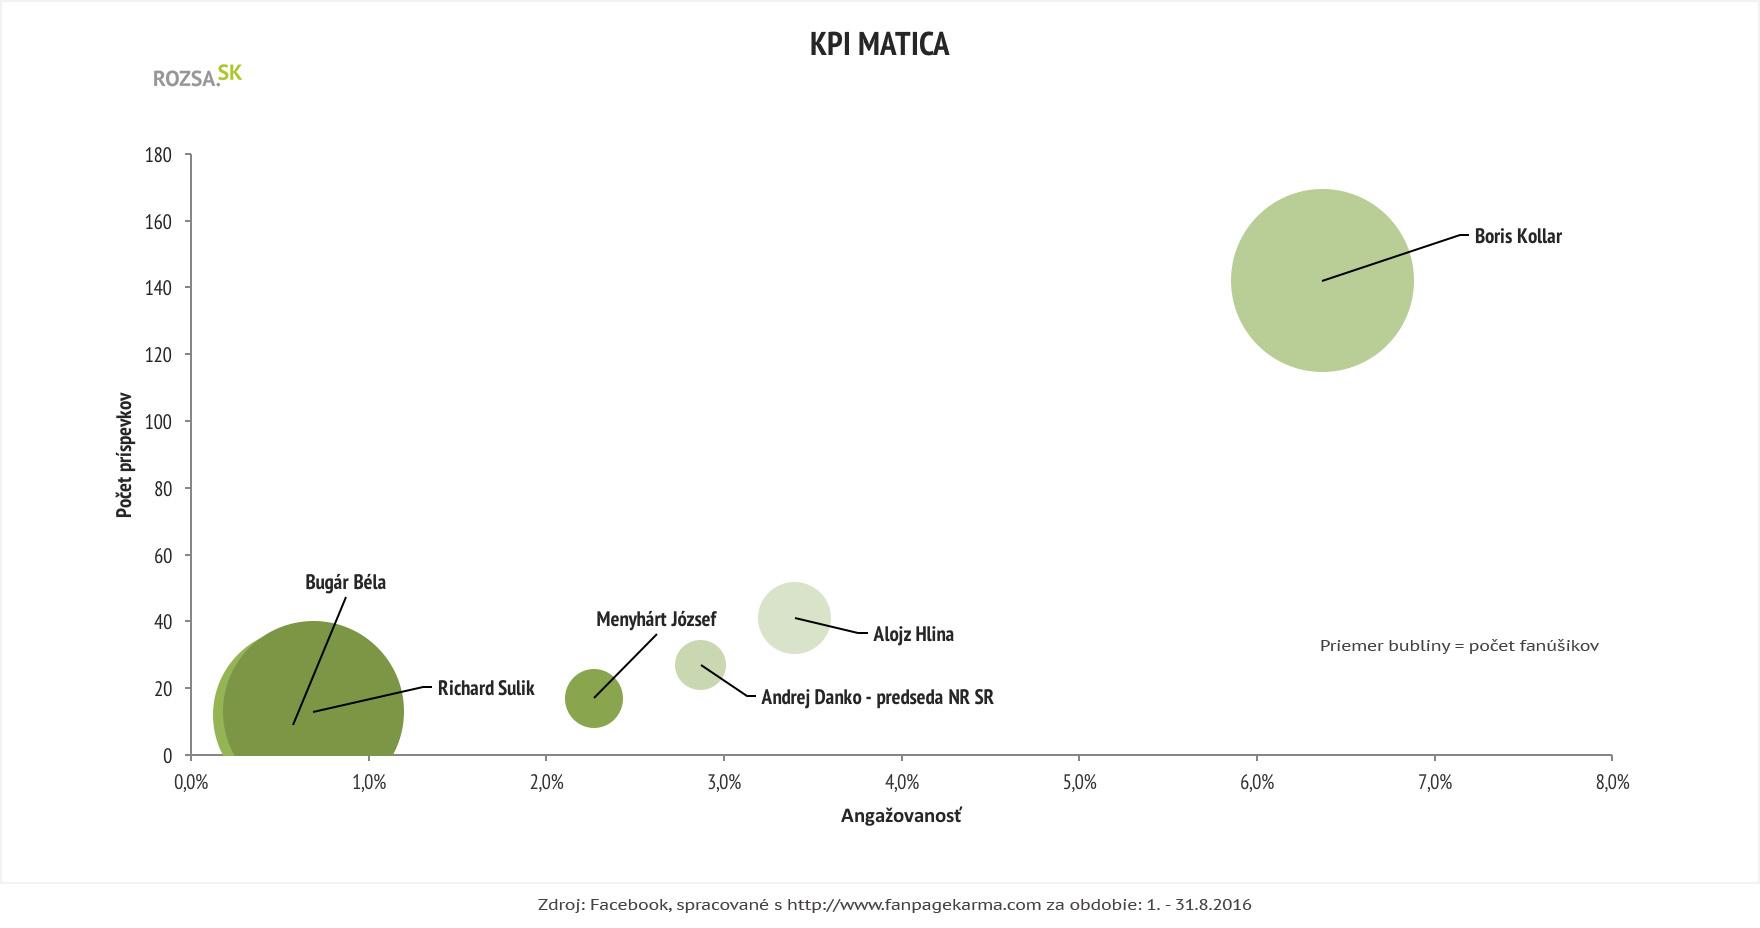 KPI matica - politici, Facebook, august 2016